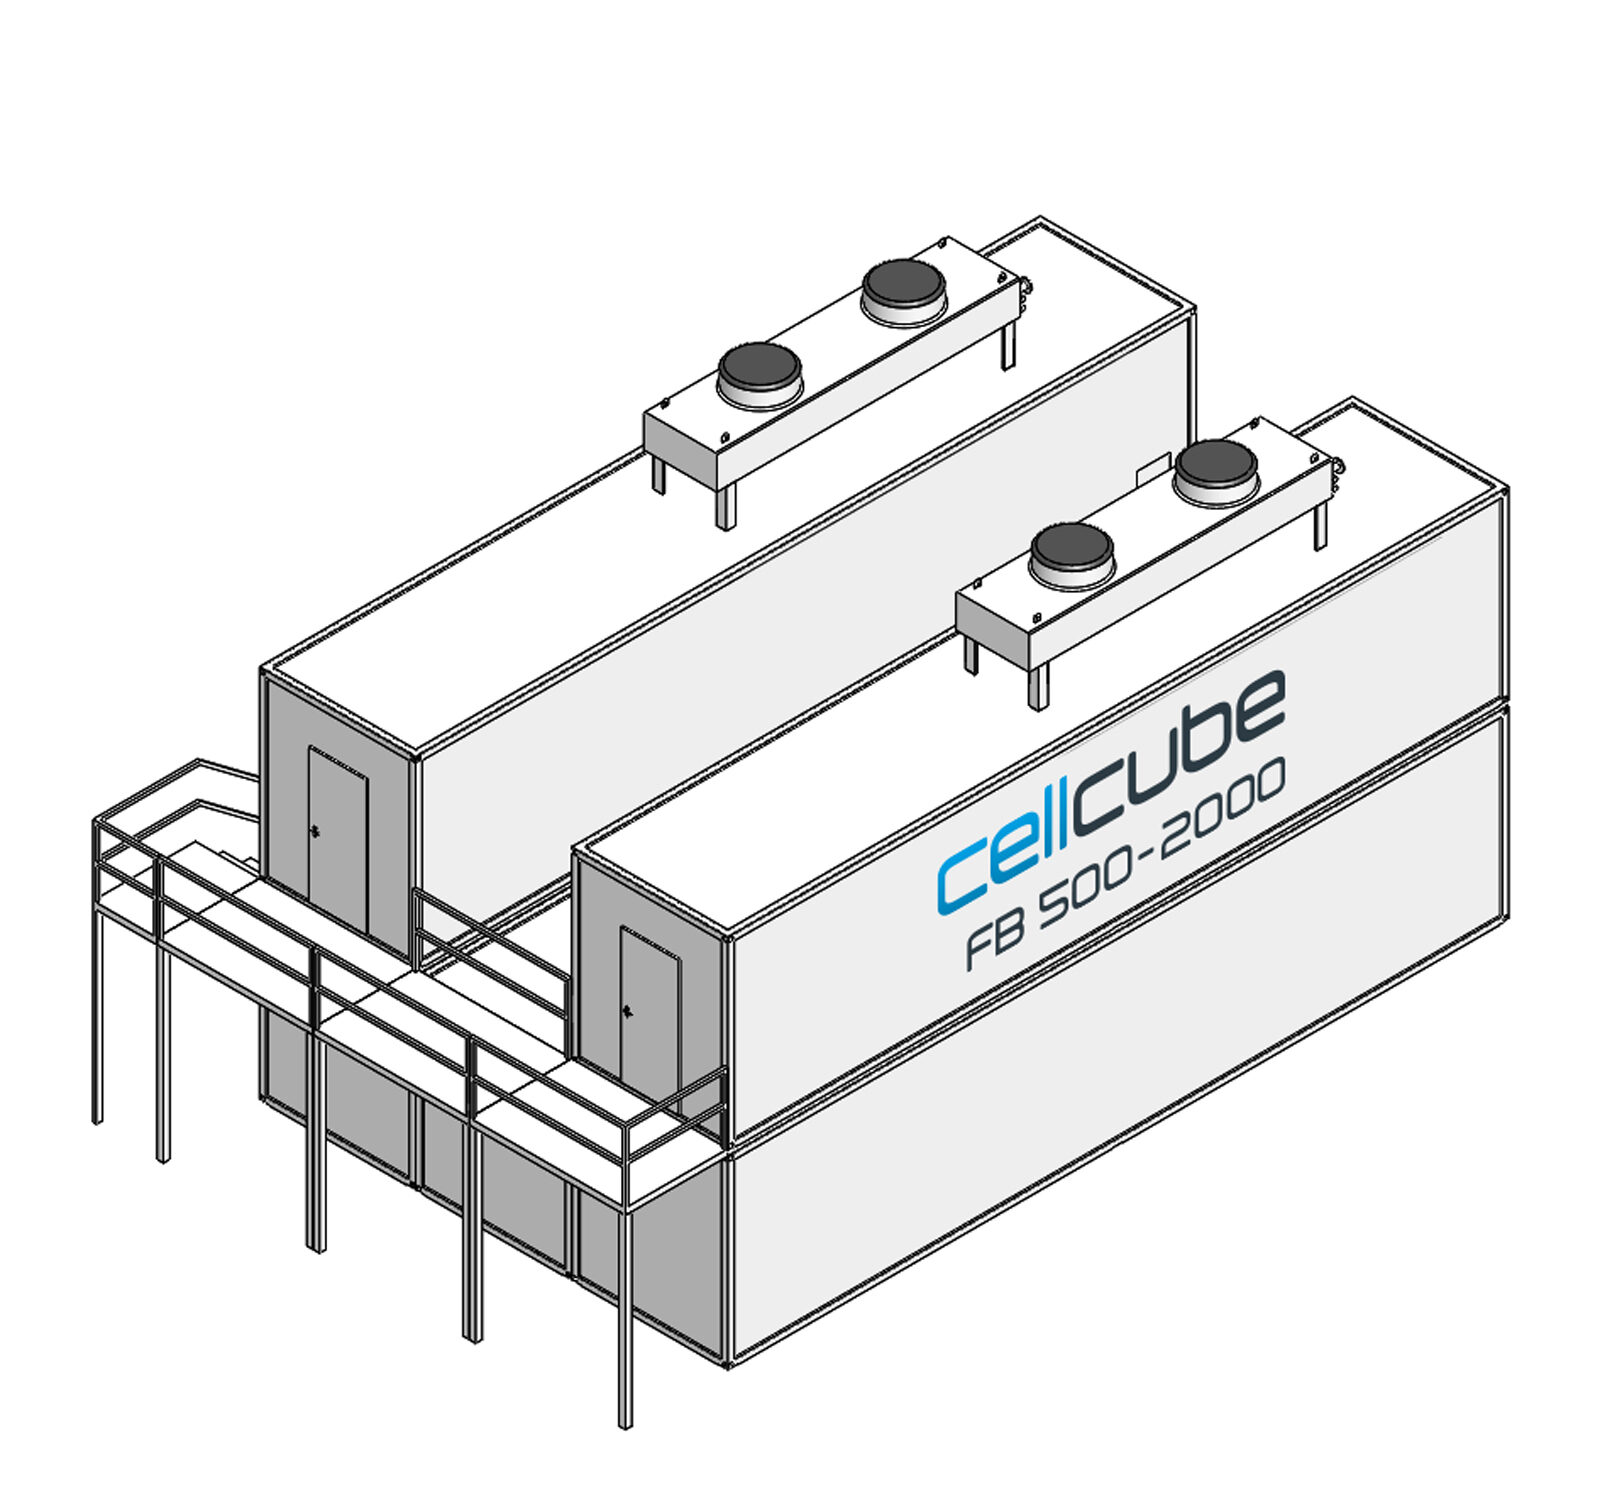 CellCube FB500 2000 R4 Mit Treppe